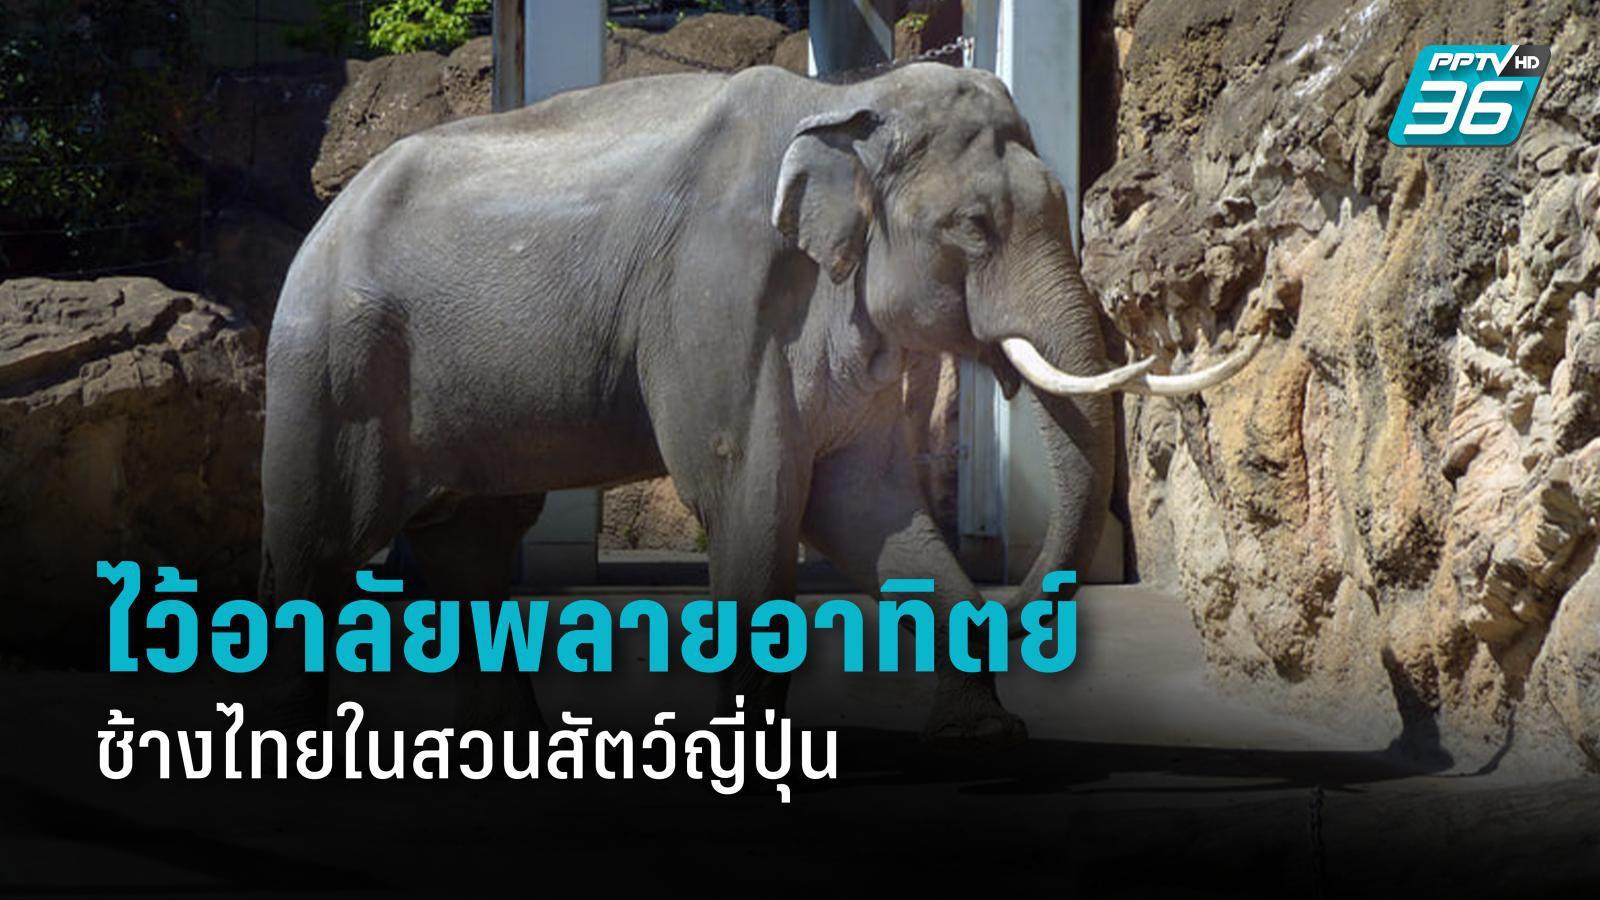 ไว้อาลัย พลายอาทิตย์ ช้างไทยในสวนสัตว์อุเอโนะ